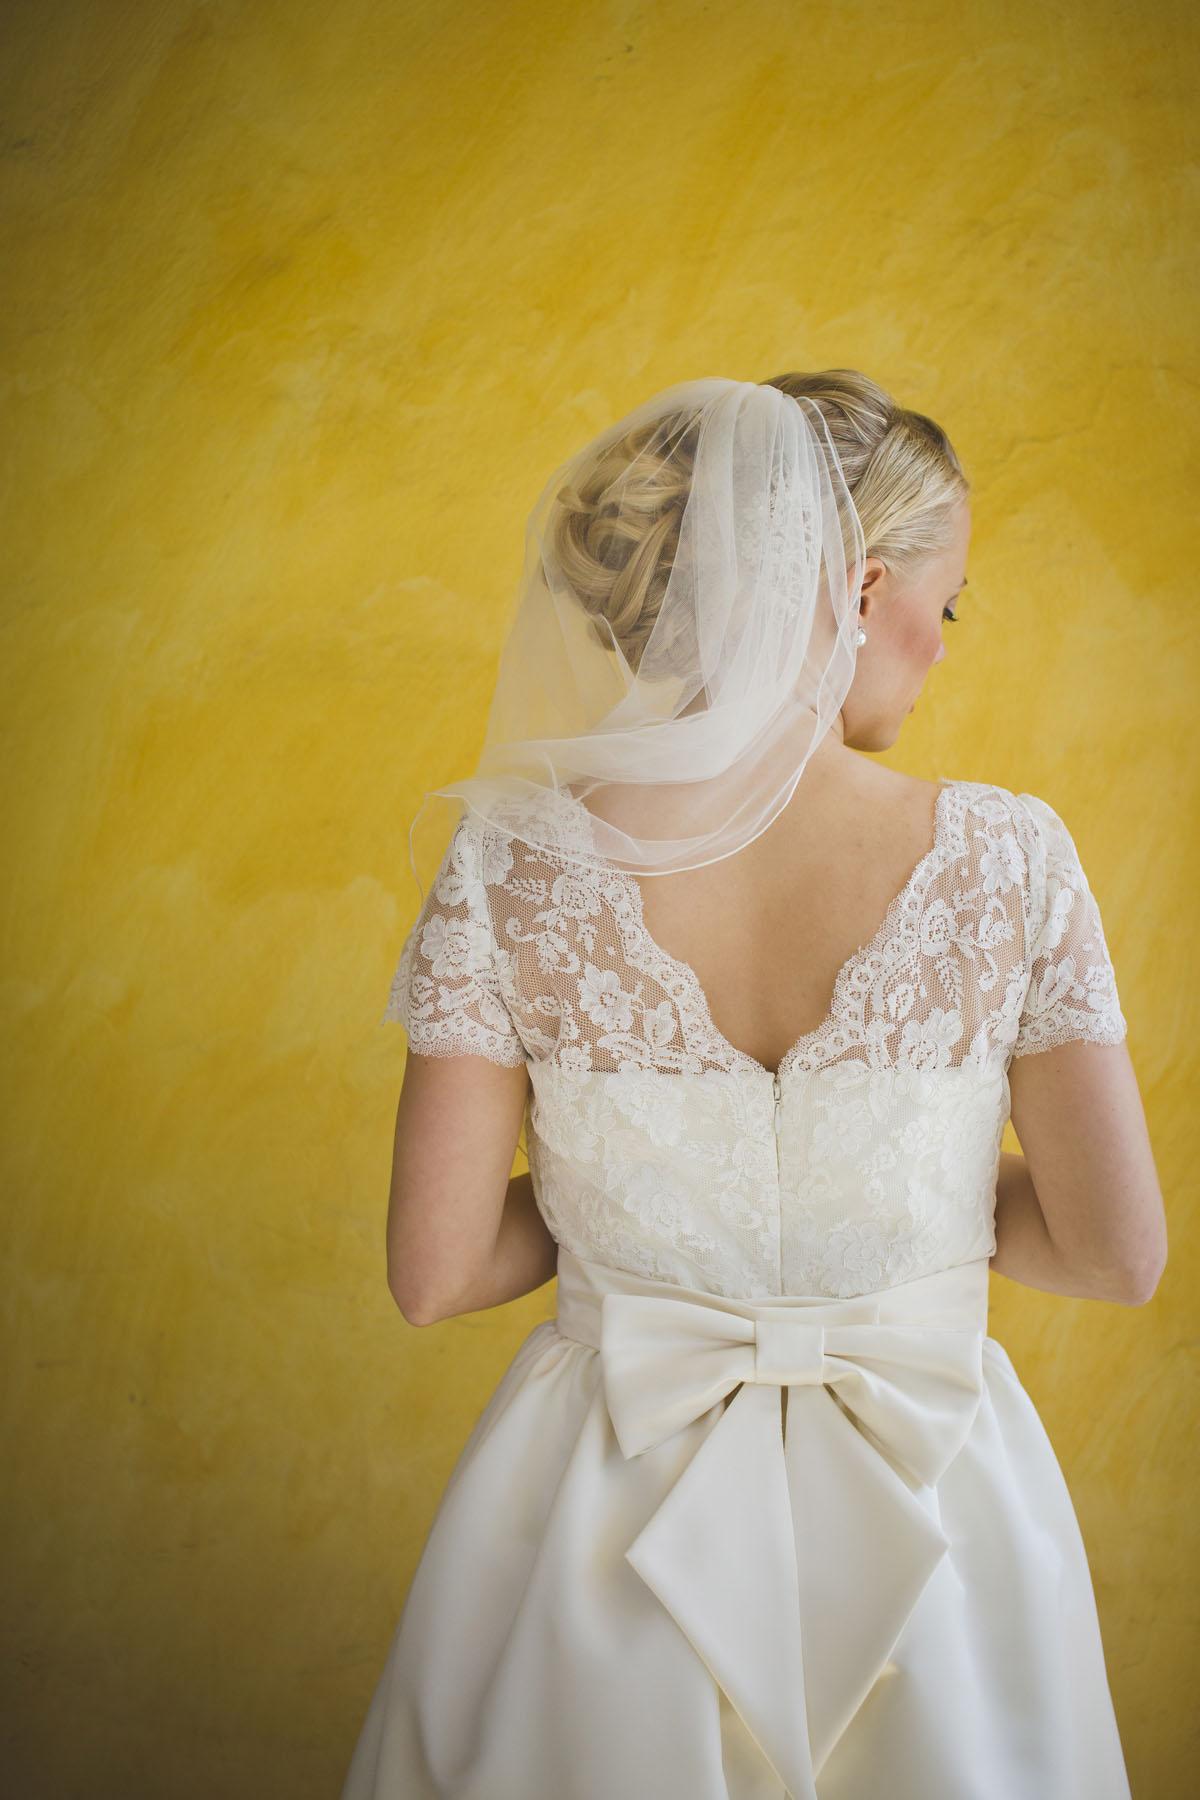 austria-wedding-photographer-019-wedding-photographer-Valdur-Rosenvald.jpg